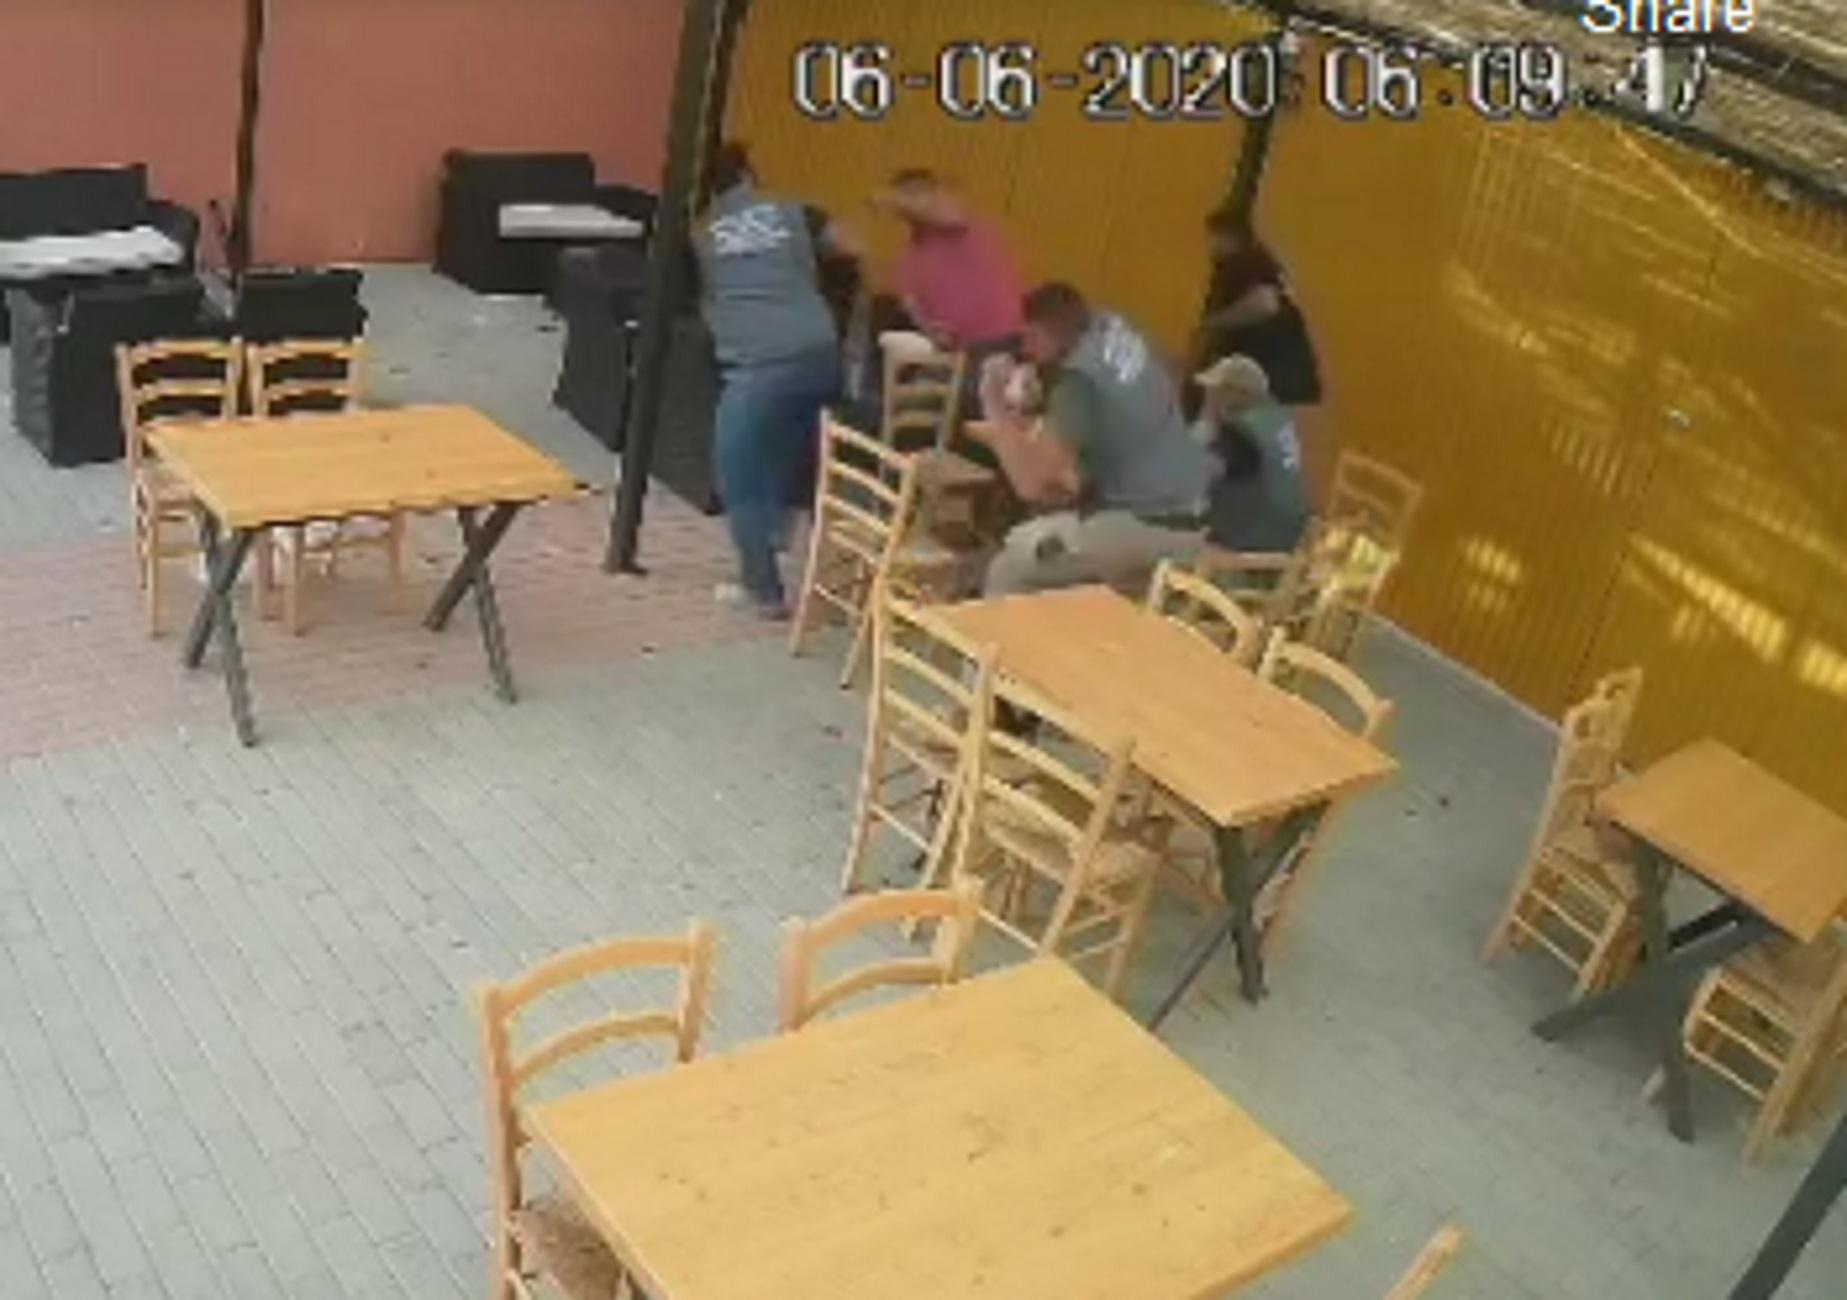 Κρήτη: Πέντε ζωές σώζονται για κλάσματα του δευτερολέπτου- Απίστευτες εικόνες σε καφενείο (βίντεο)